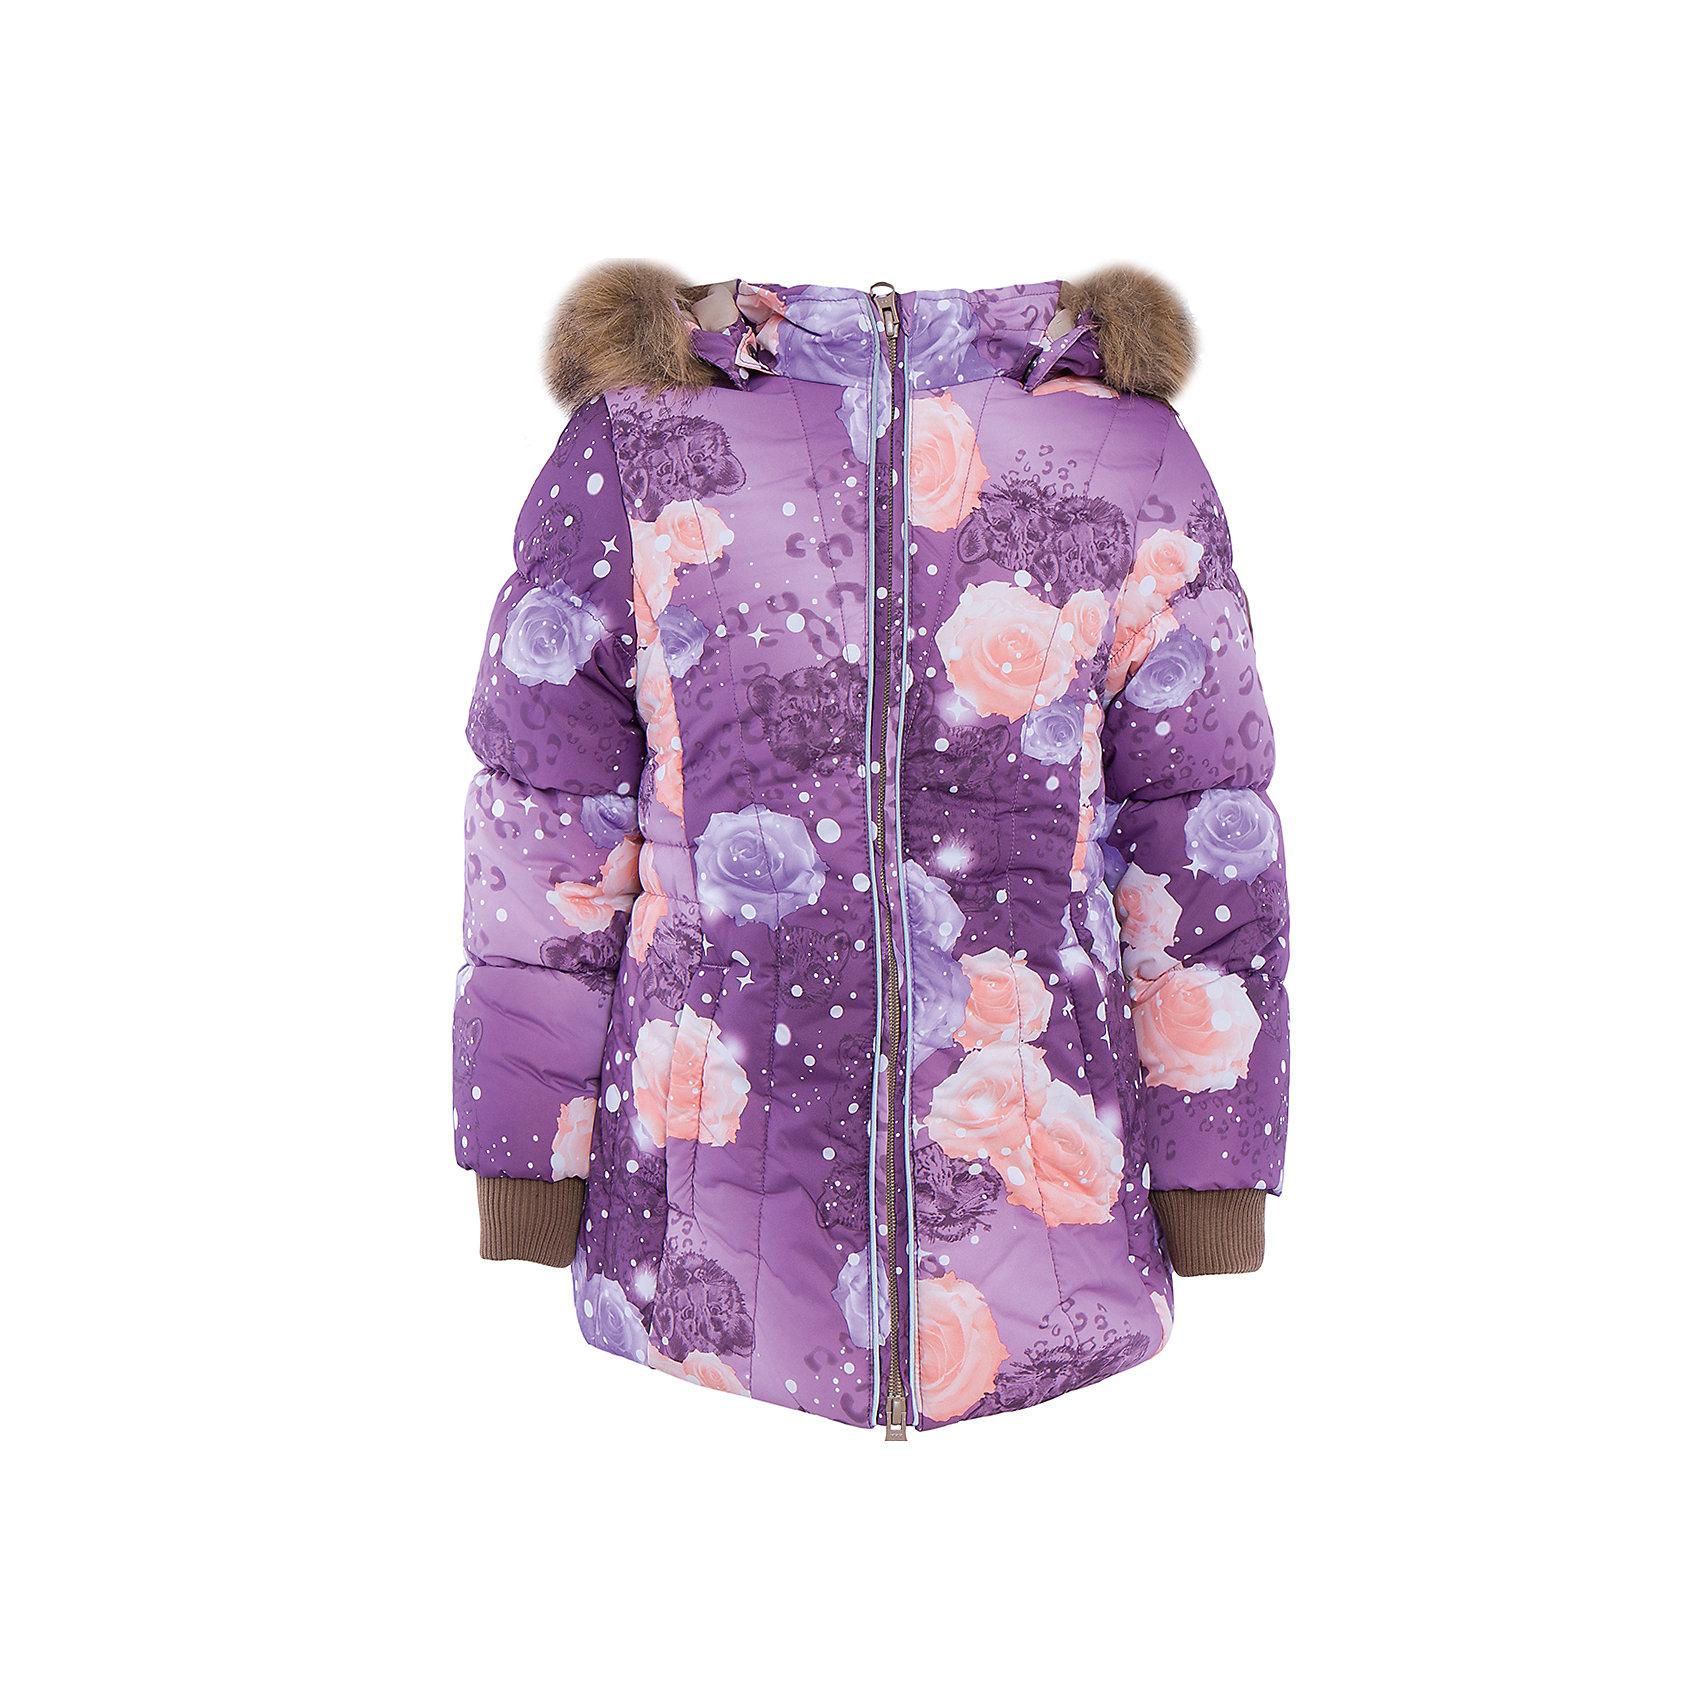 Куртка   для девочки HuppaMETTE Huppa(Хуппа) - утепленная куртка для девочки.<br><br>Утеплитель: 100% полиэстер, 300 гр.<br><br>Температурный режим: до -30 градусов. Степень утепления – высокая. <br><br>* Температурный режим указан приблизительно — необходимо, прежде всего, ориентироваться на ощущения ребенка. Температурный режим работает в случае соблюдения правила многослойности – использования флисовой поддевы и термобелья.<br><br>Она сделана из прочных дышащих материалов, которые не пропускают воду и ветер и выводят лишнюю влагу. Утеплитель HuppaTherm сохранит высокую теплоизоляцию и объем. Кроме того, куртку легко стирать при температуре до 40 градусов и сушить. Приятный дизайн и высокое качество непременно понравятся юной обладательнице такой куртки!<br><br>Особенности:<br>-съемный мех на капюшоне<br>-светоотражающие элементы<br>-отстегивающийся капюшон<br>-скрытые манжеты на рукавах<br><br>Дополнительная информация: <br>Материал: 100% полиэстер<br>Подкладка: тафта - 100% полиэстер<br>Цвет: лиловый<br><br>Куртку METTE Huppa(Хуппа) можно приобрести в нашем интернет-магазине.<br><br>Ширина мм: 356<br>Глубина мм: 10<br>Высота мм: 245<br>Вес г: 519<br>Цвет: фиолетовый<br>Возраст от месяцев: 60<br>Возраст до месяцев: 72<br>Пол: Женский<br>Возраст: Детский<br>Размер: 116,134,128,140,122,104,110<br>SKU: 4928297